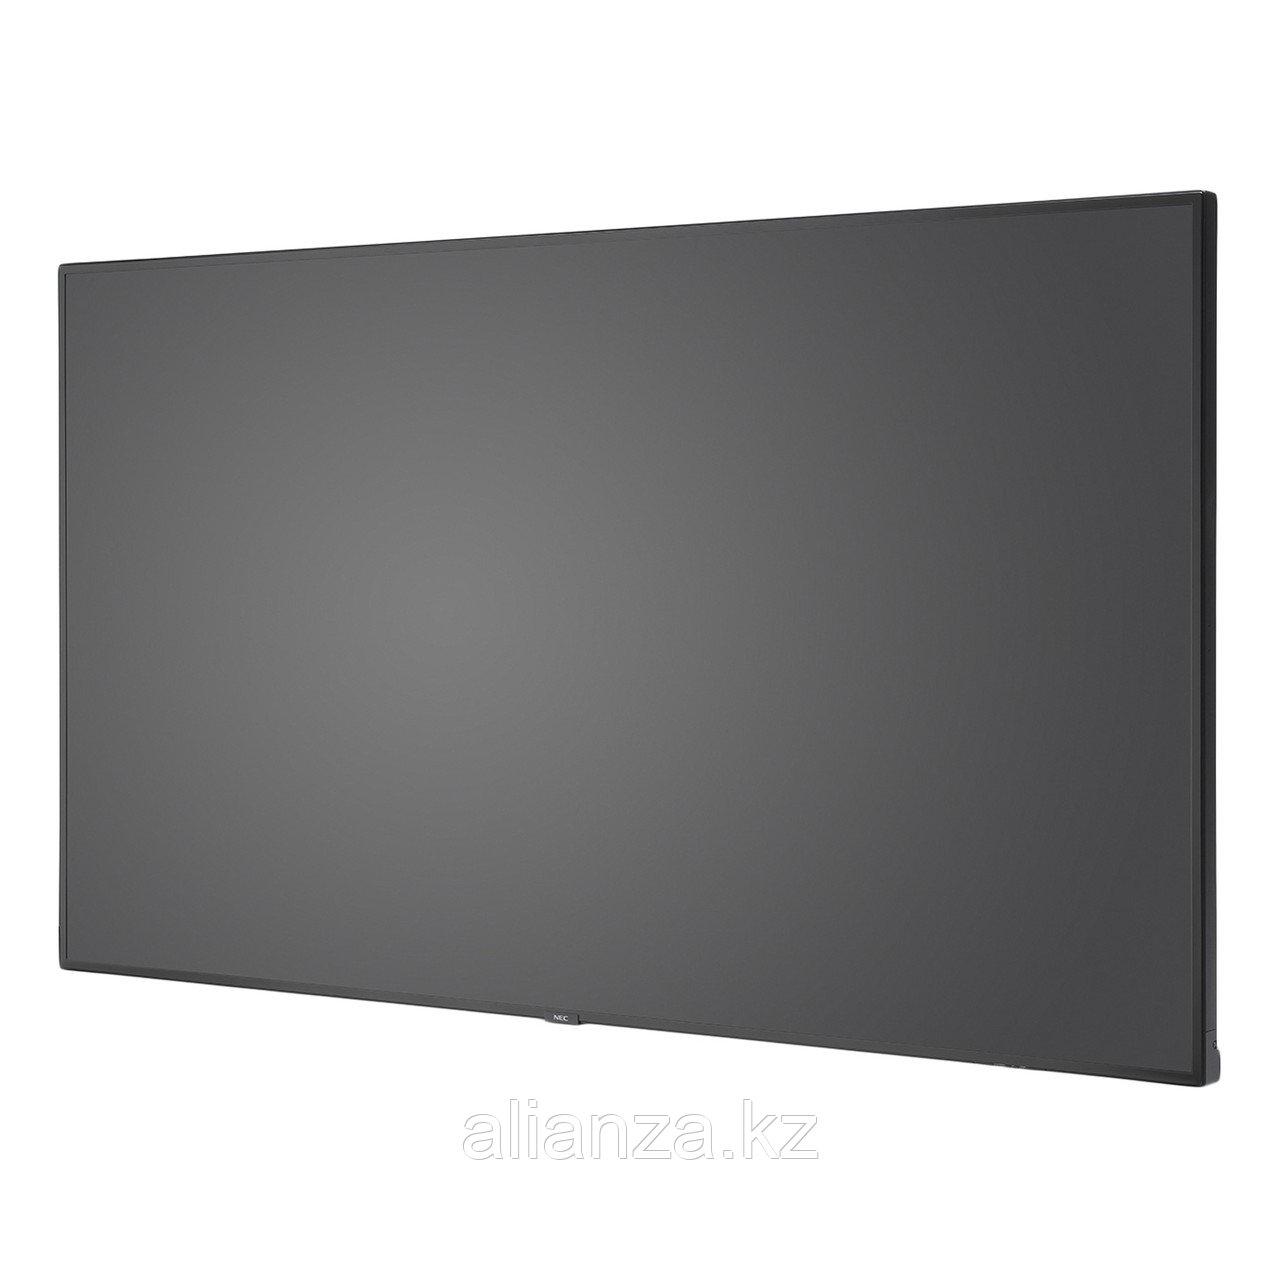 LED панель NEC MultiSync V754Q